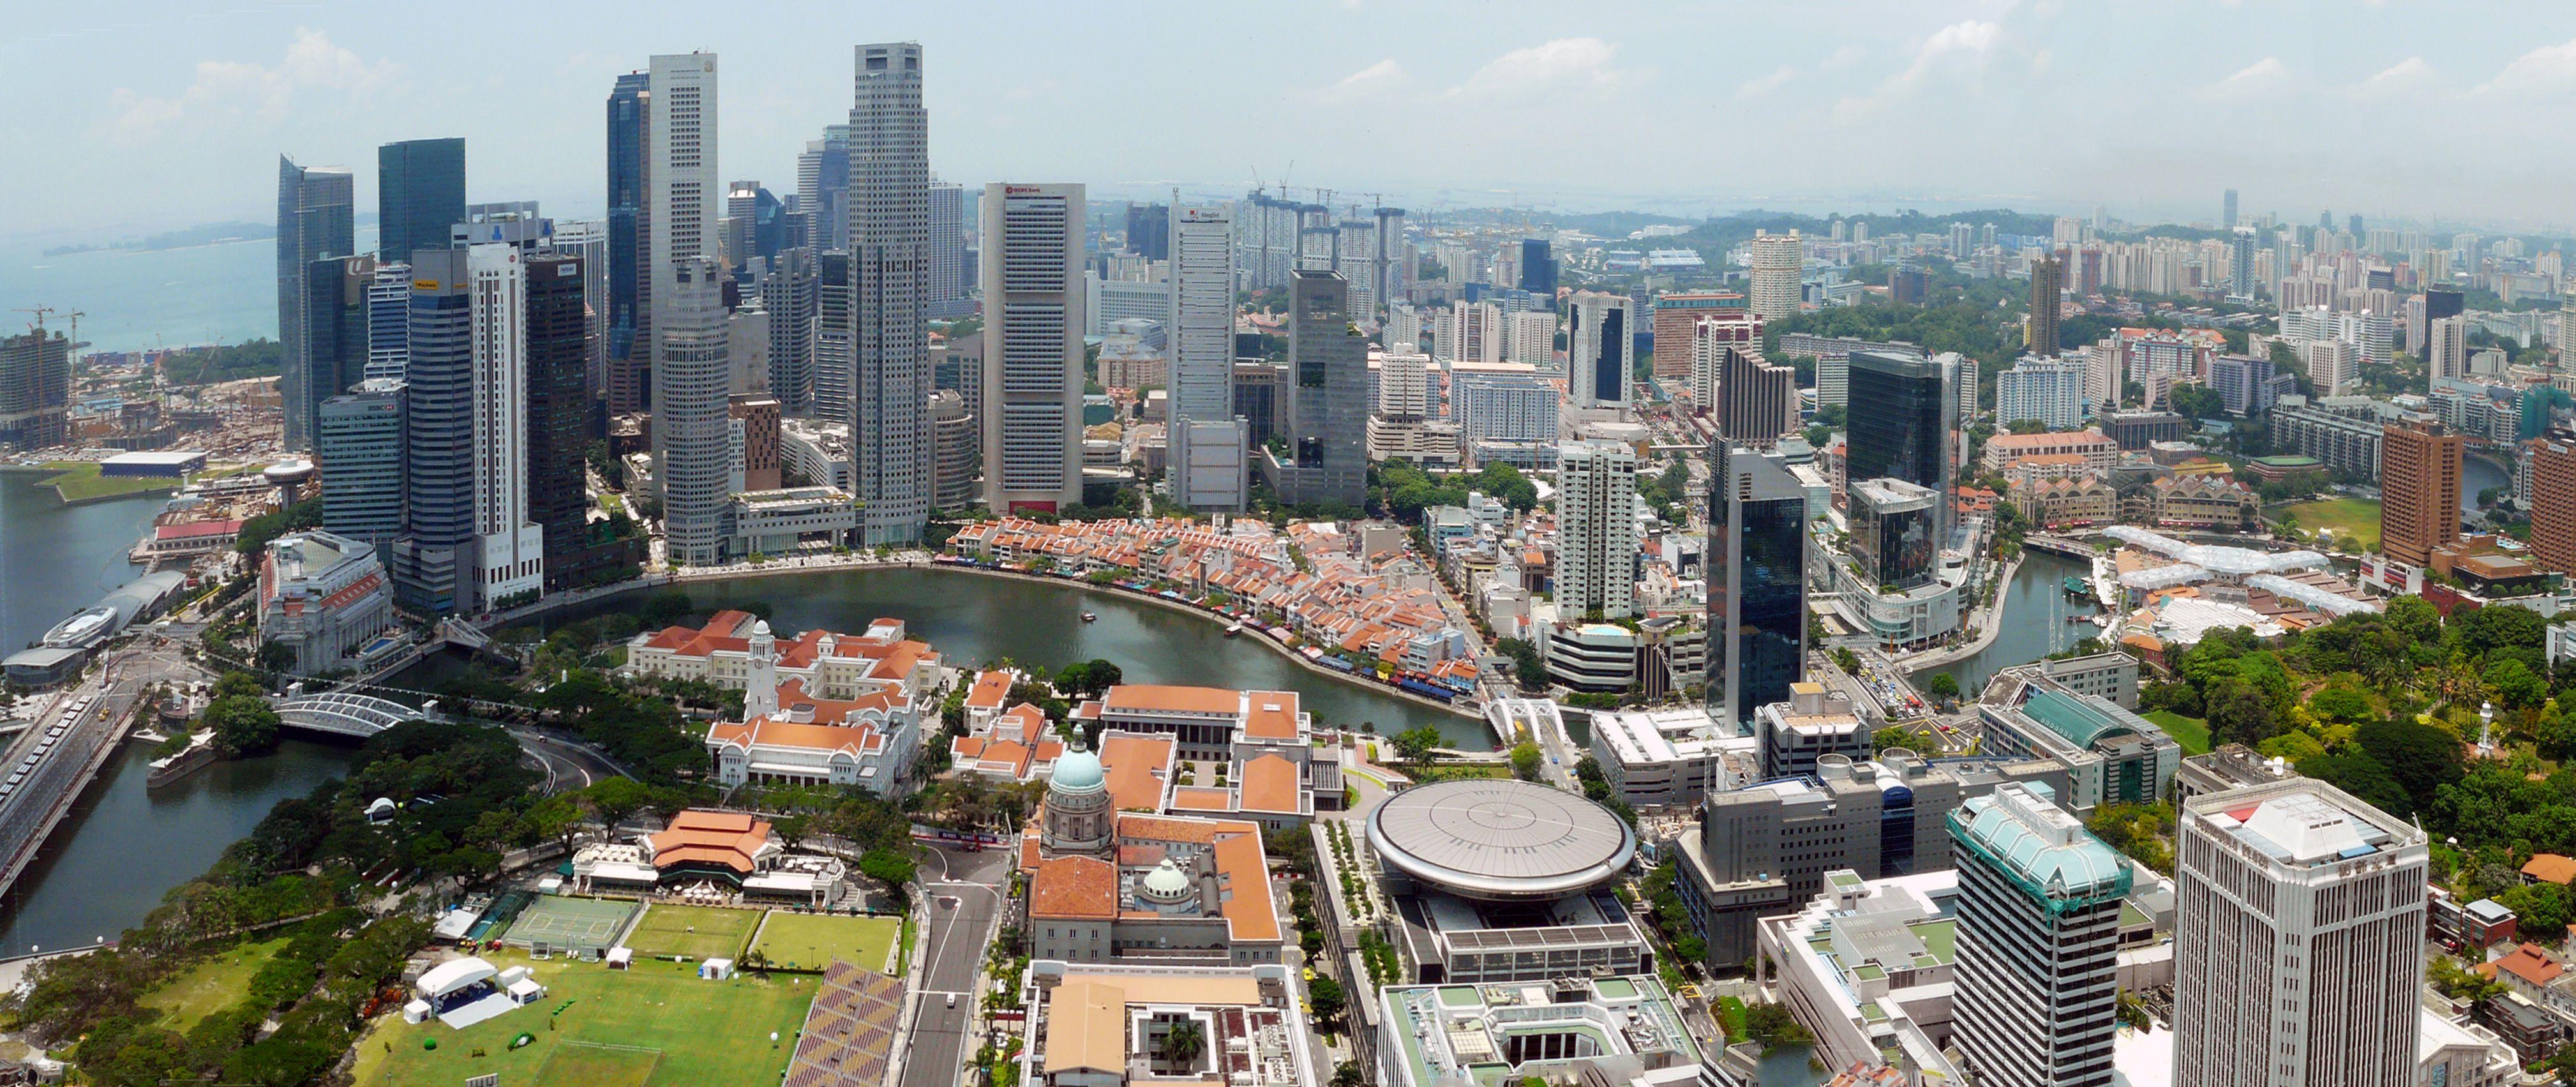 Nigeria In 2050 Pictures Politics Nigeria Singapore City